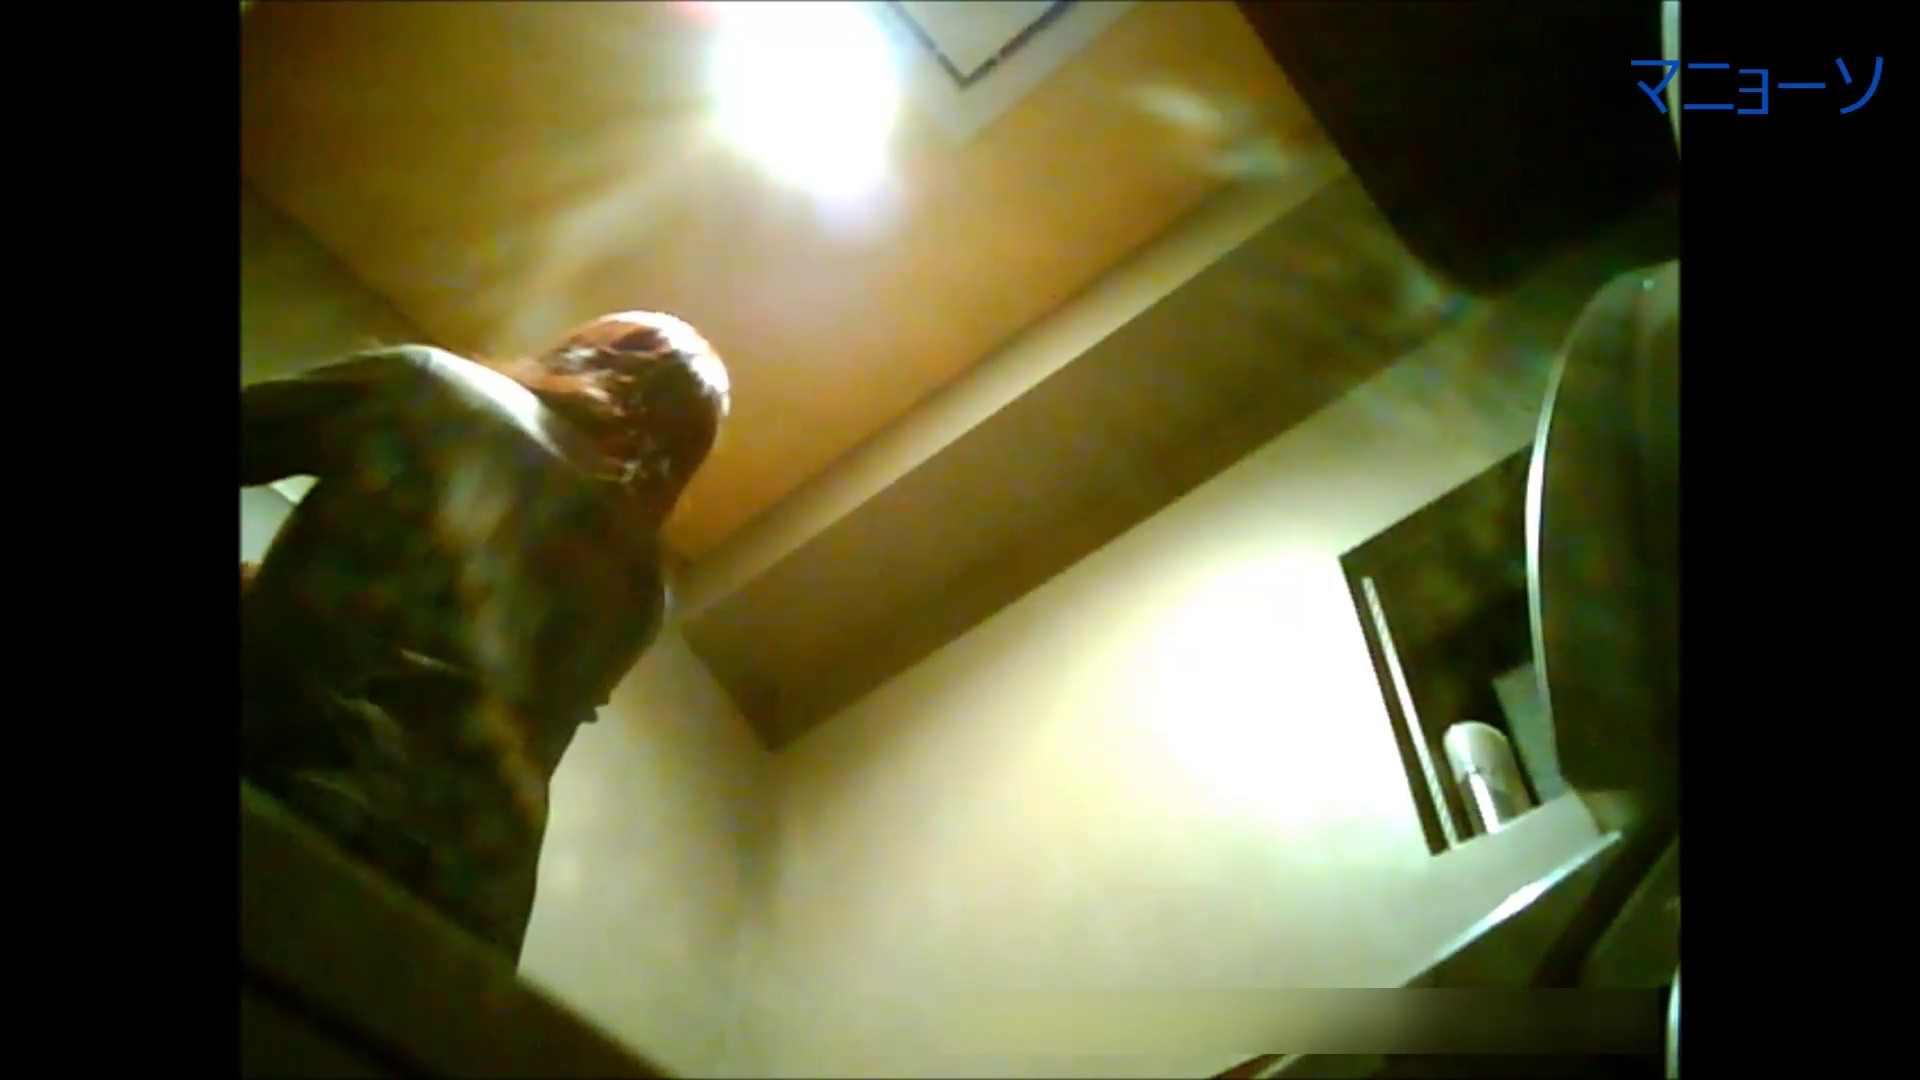 トイレでひと肌脱いでもらいました (JD編)Vol.01 女性トイレ  101pic 54